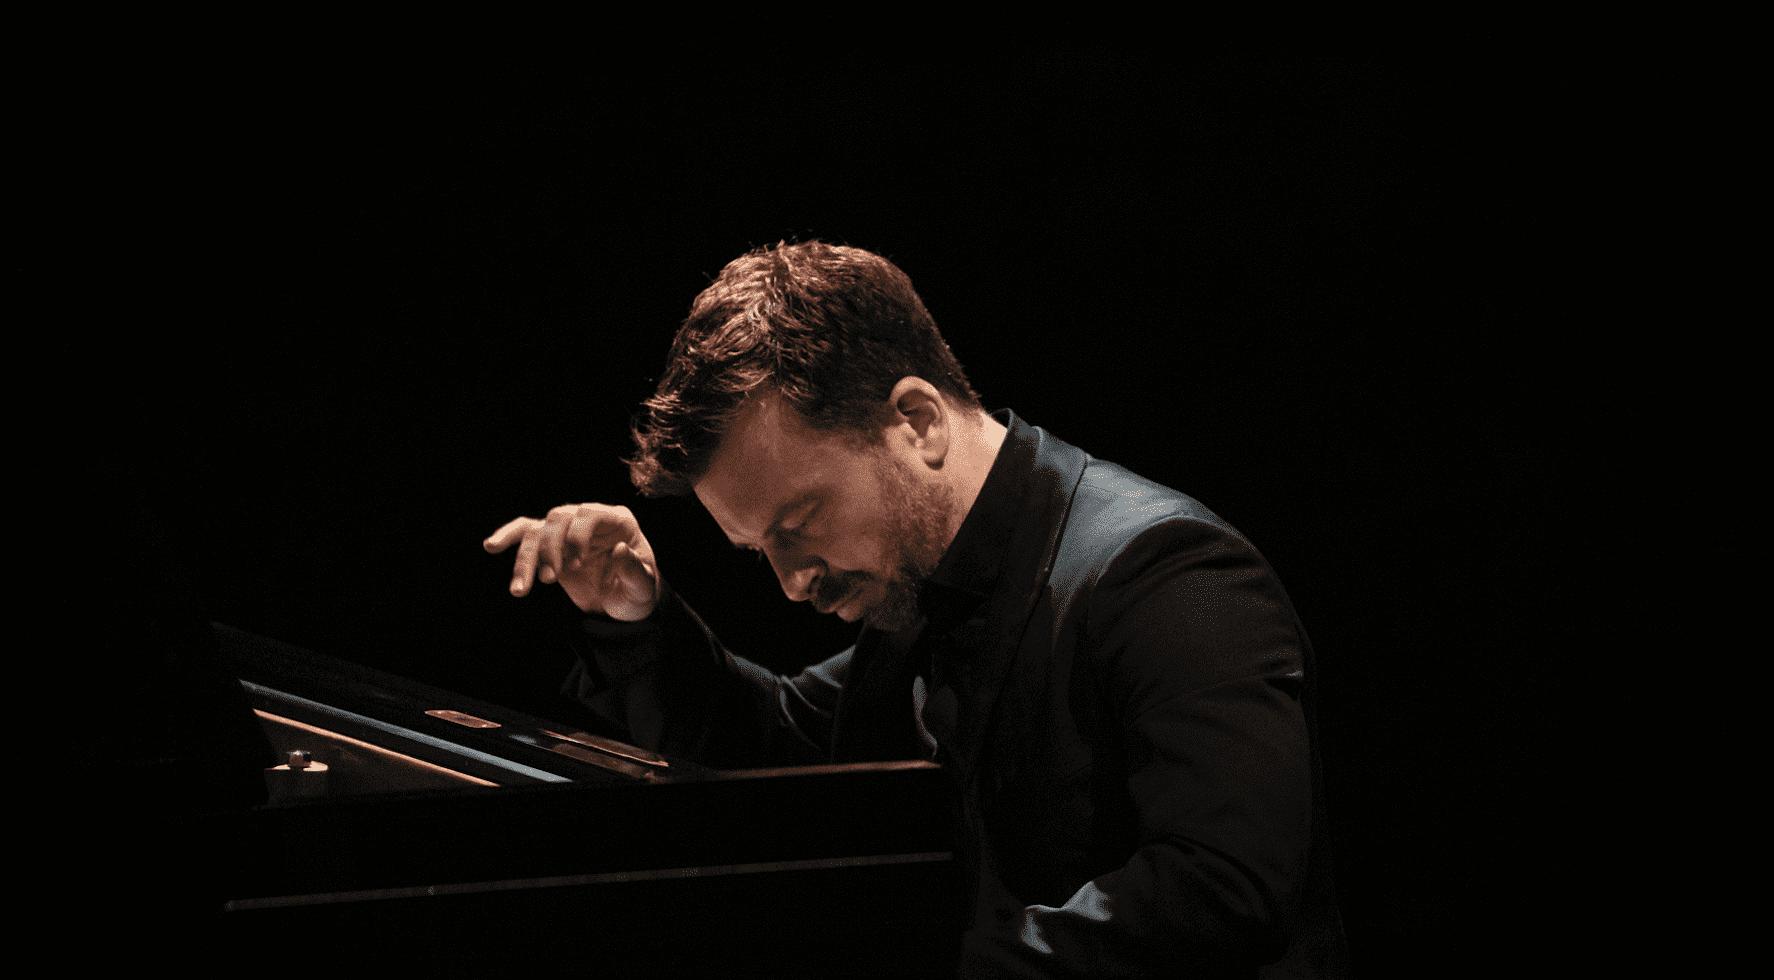 David Kadouch